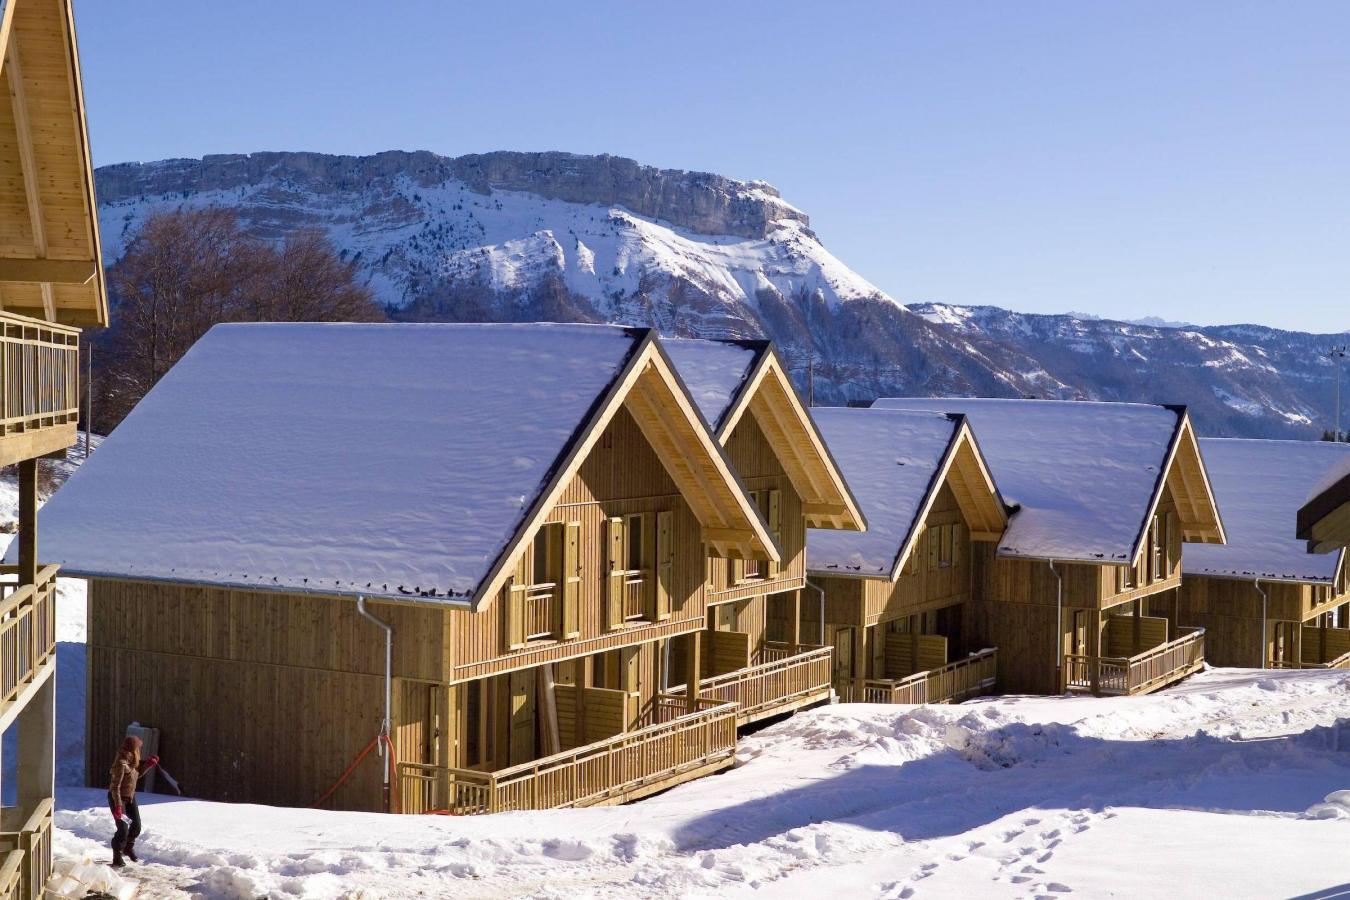 Les chalets du berger 39 la f claz location vacances ski la f claz ski planet - Les meubles du chalet ...